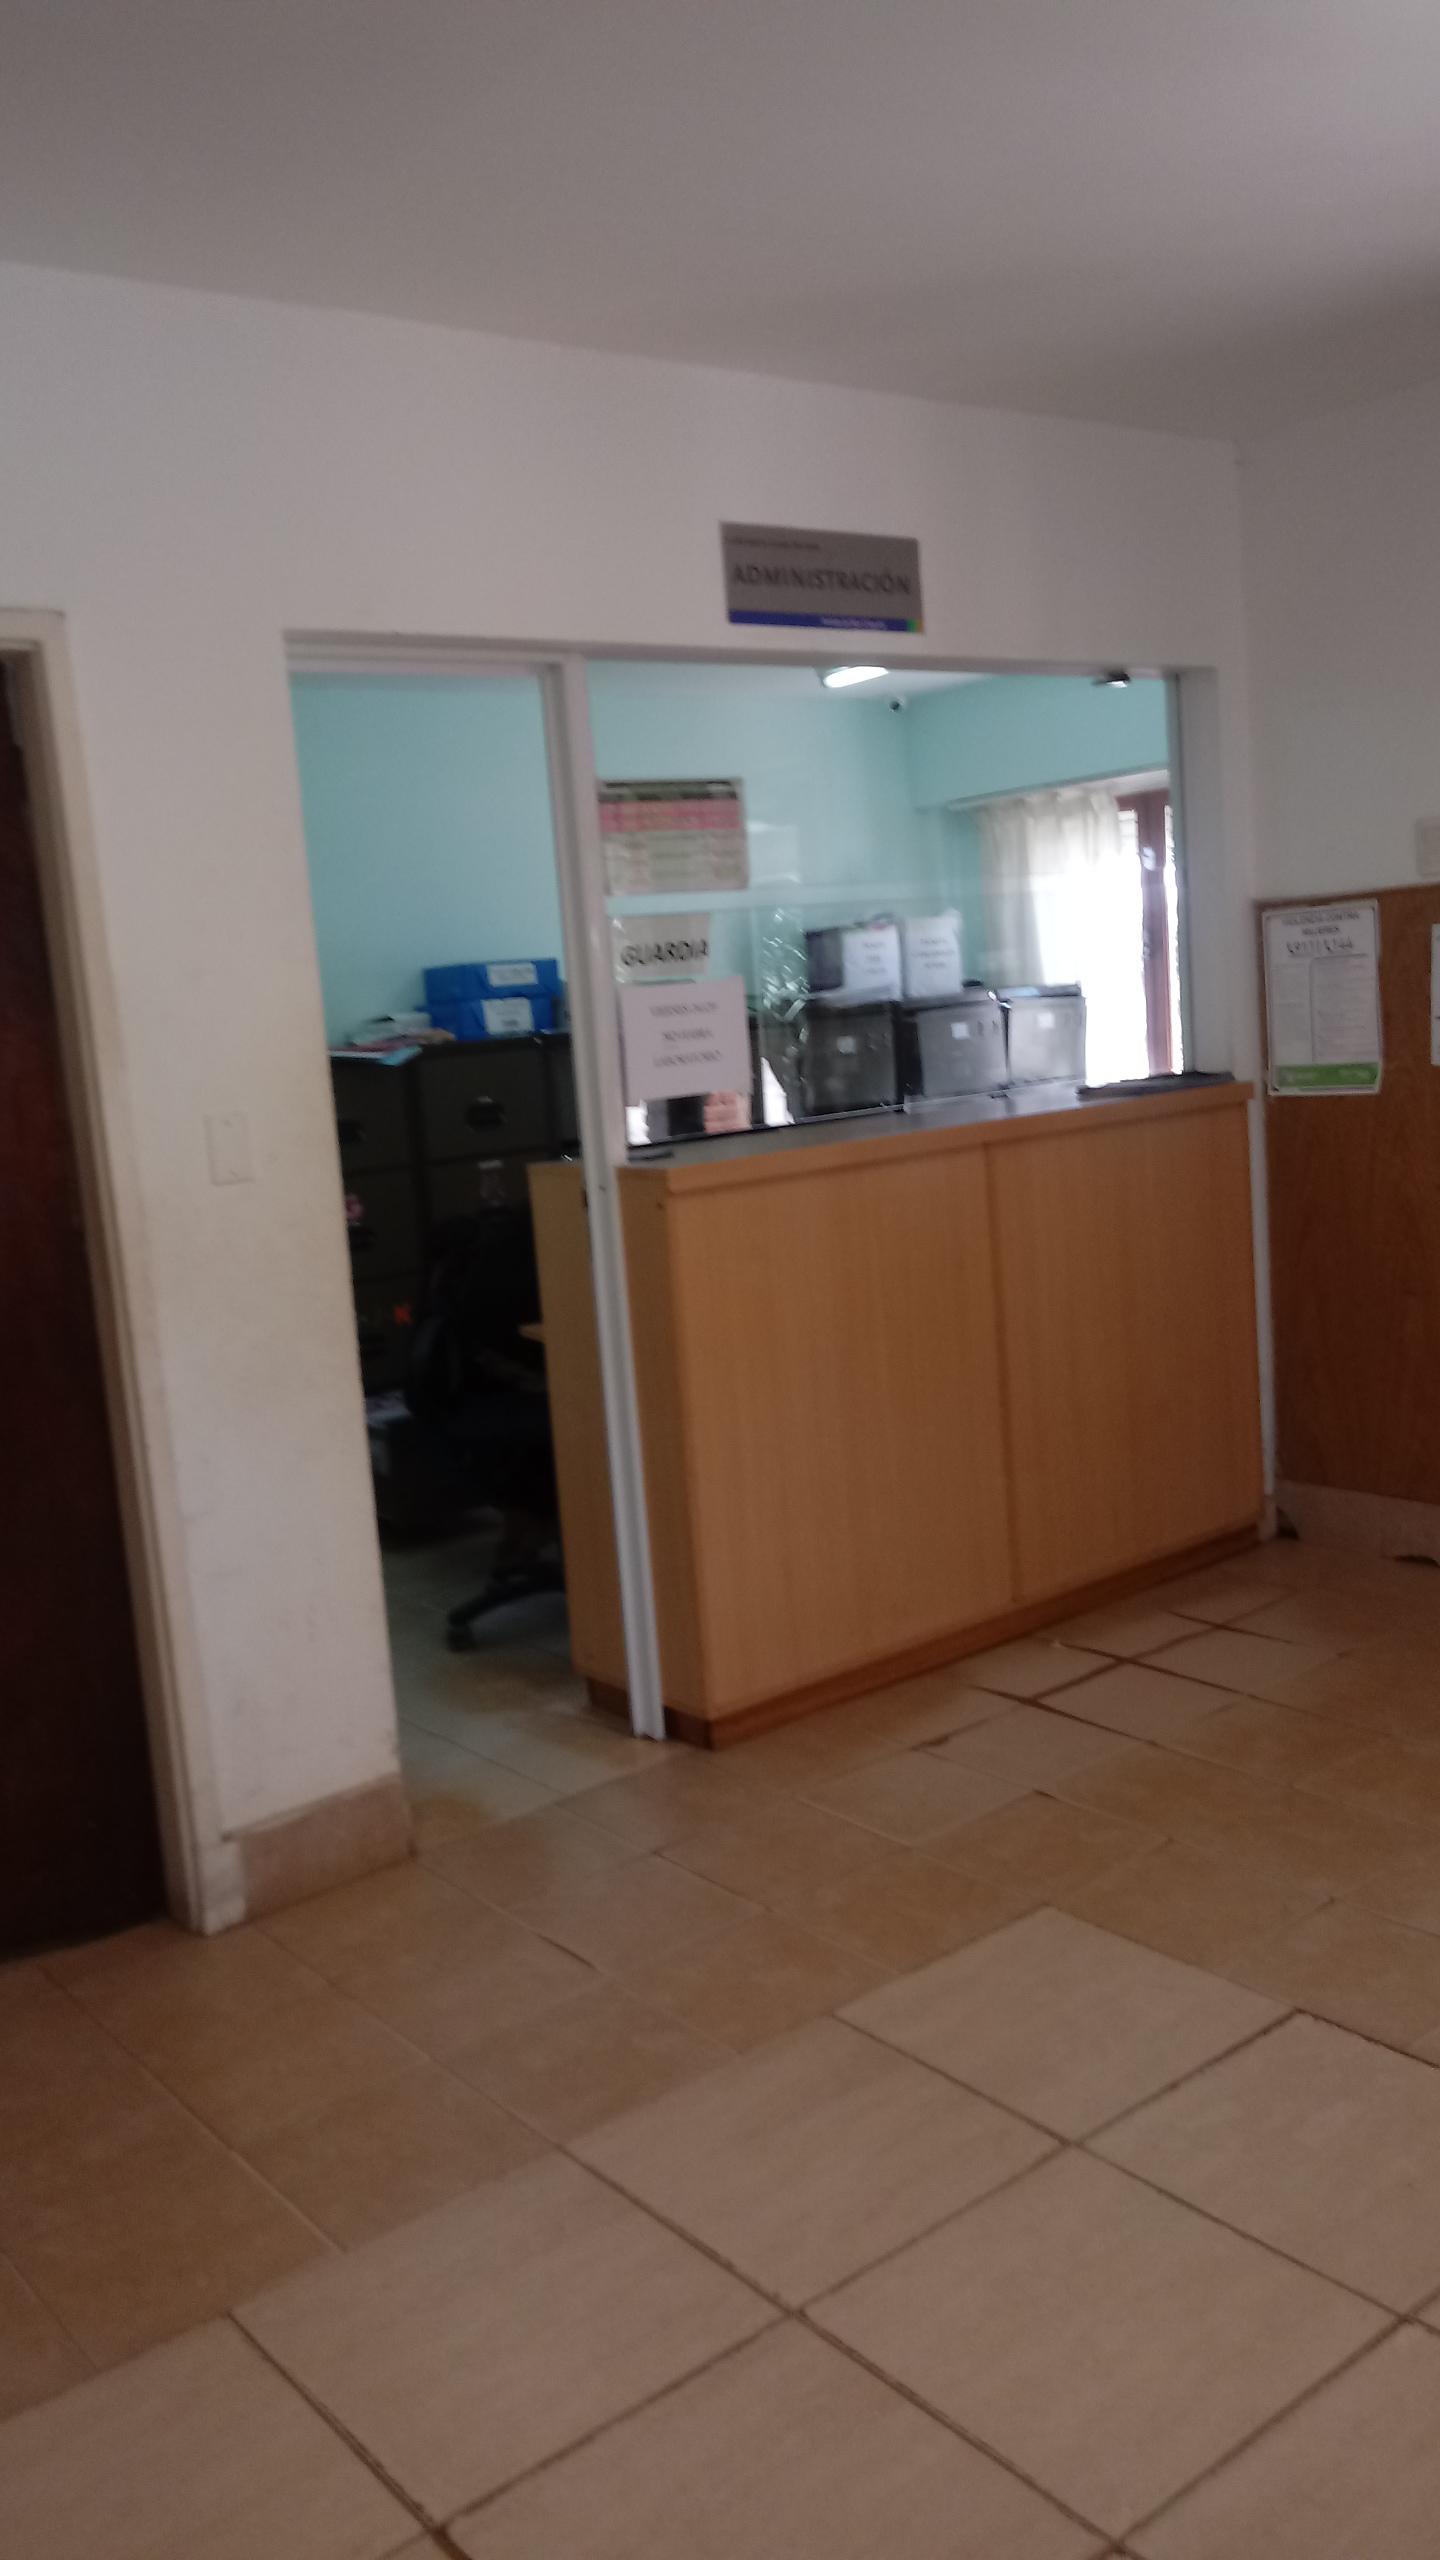 Centro de Atención Primaria de la Salud (CAPS)